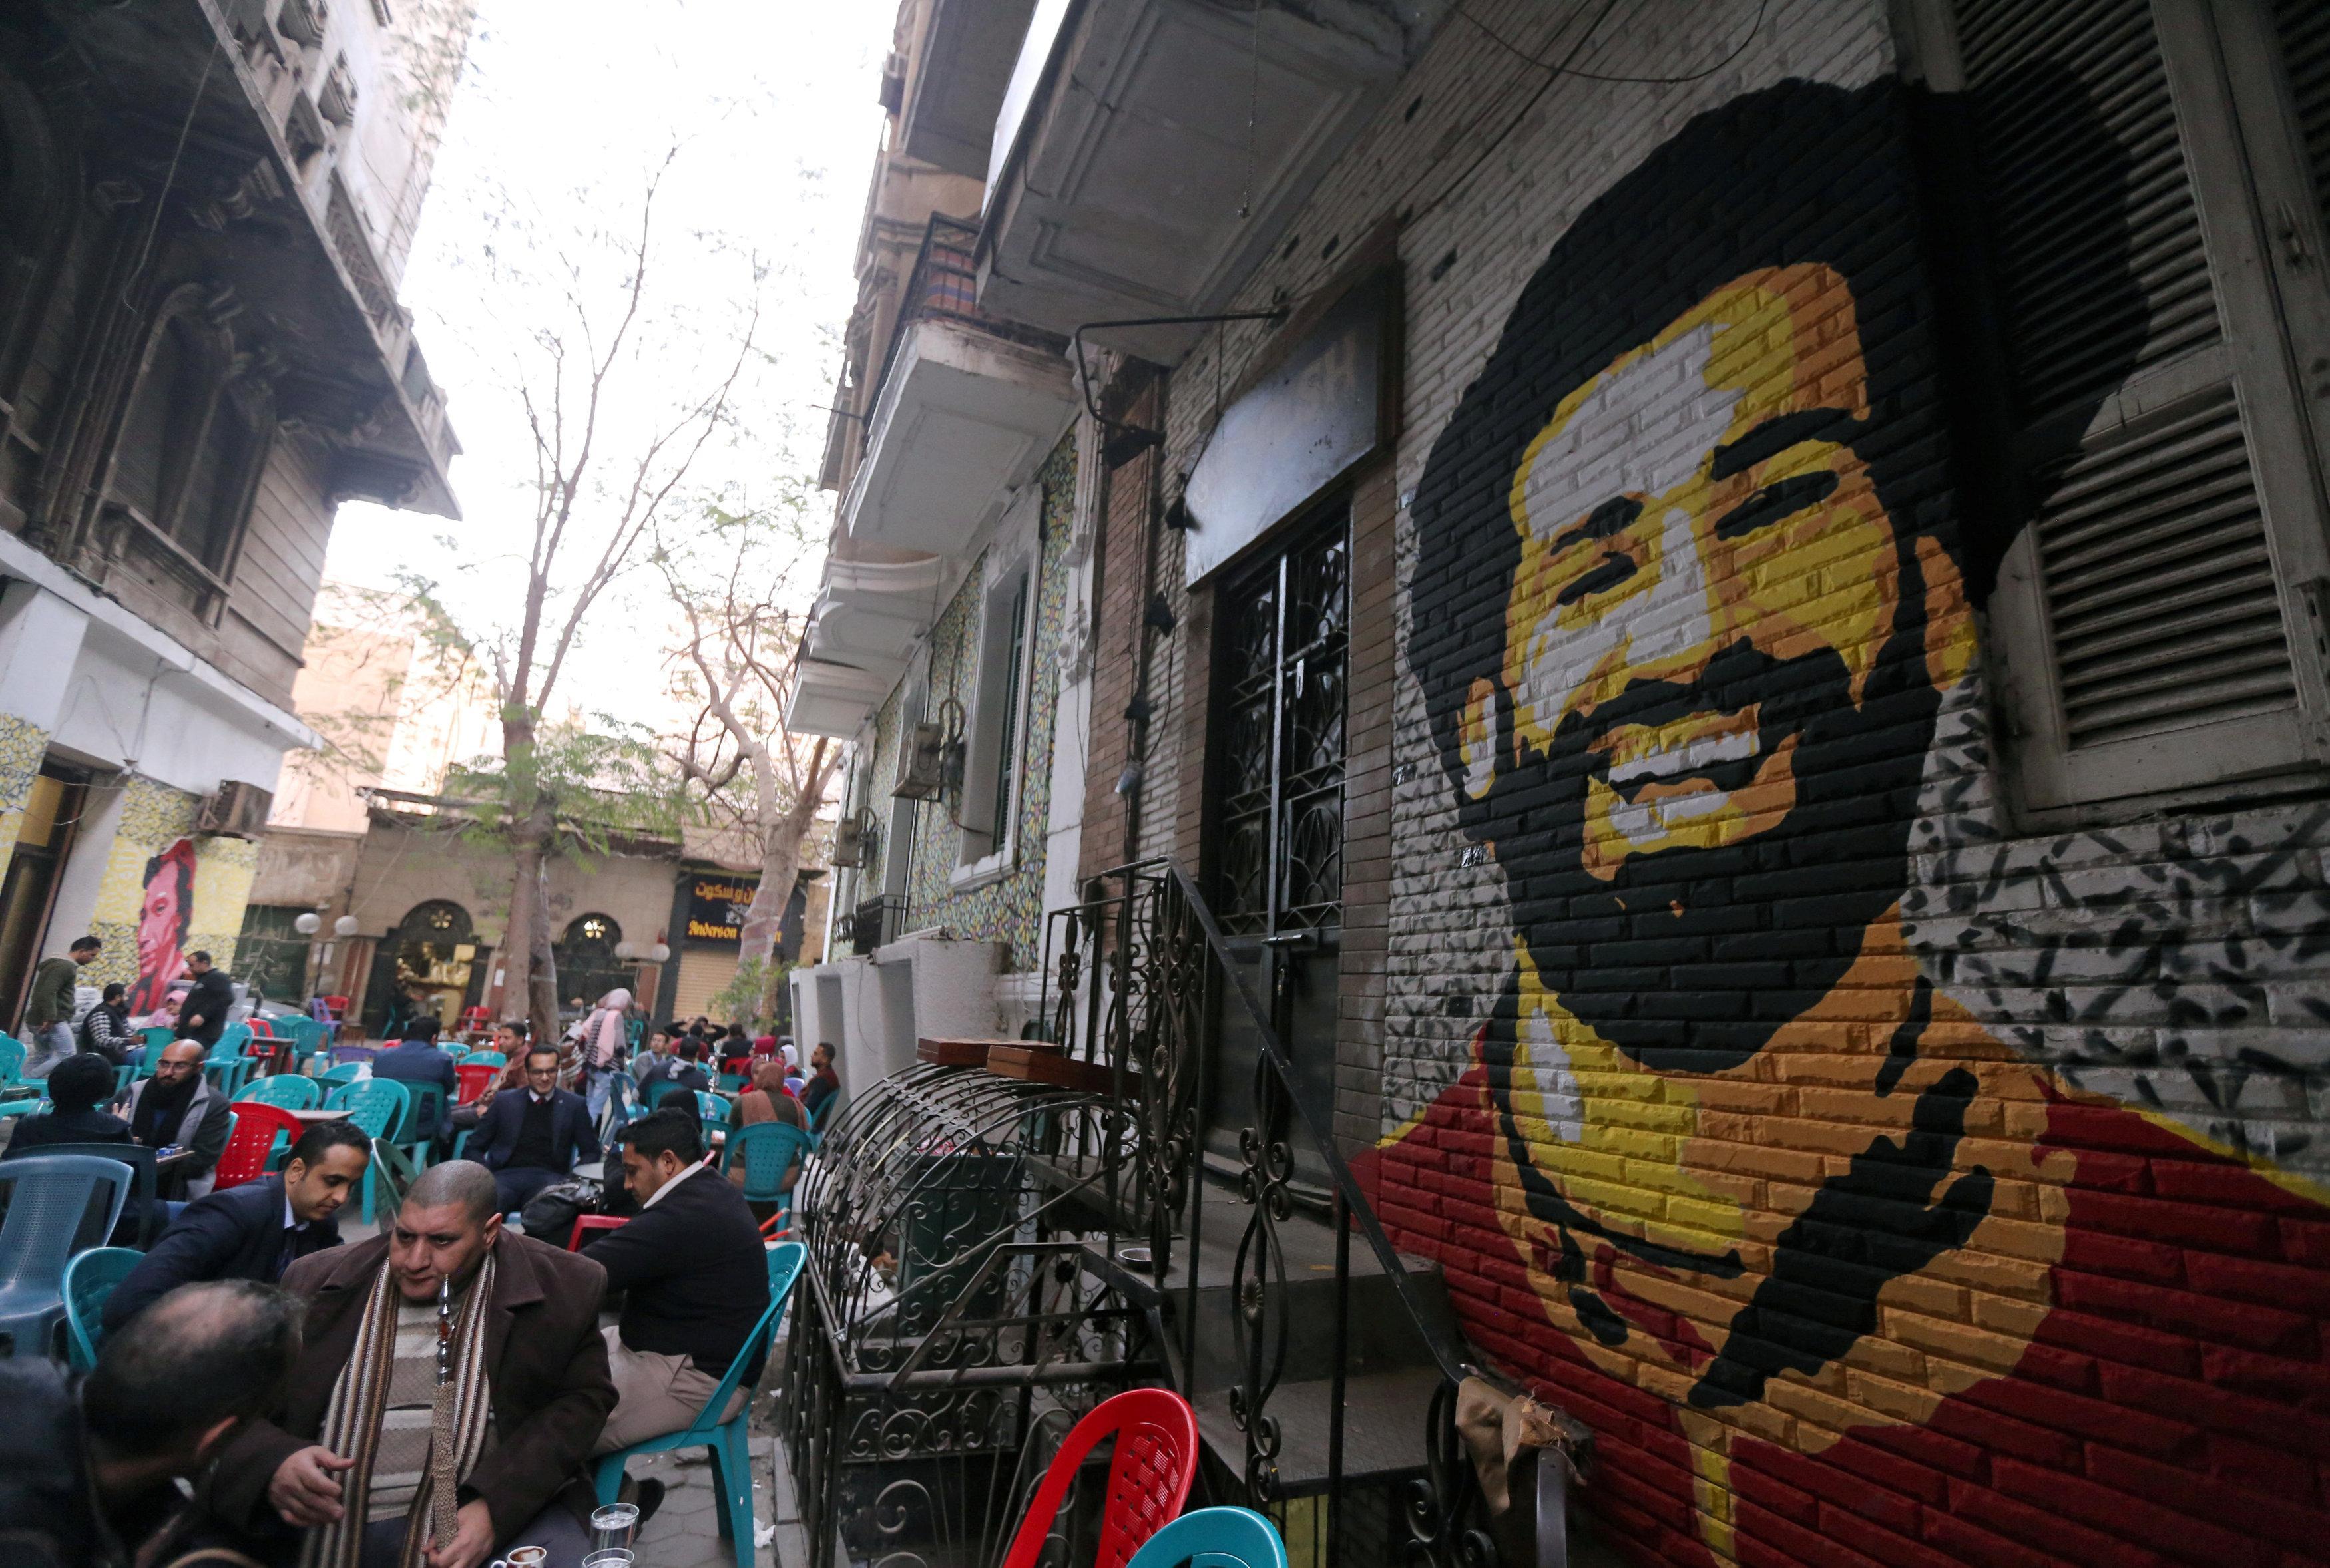 Salah's mural in Cairo